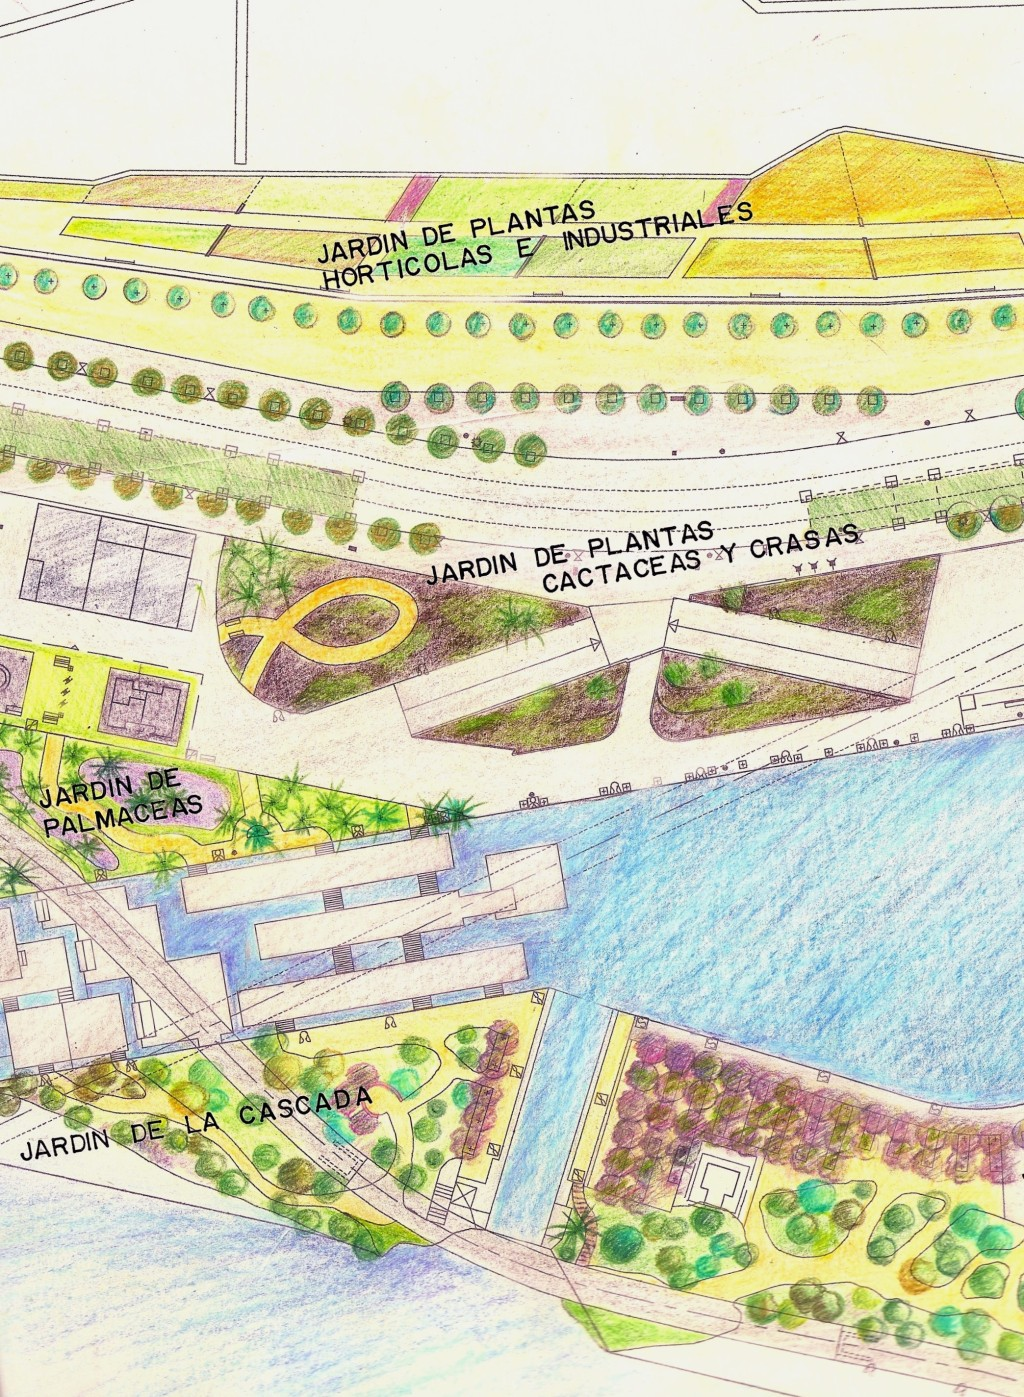 Dibujos de Ricardo Librero, indicado la ubicación de las plantas...